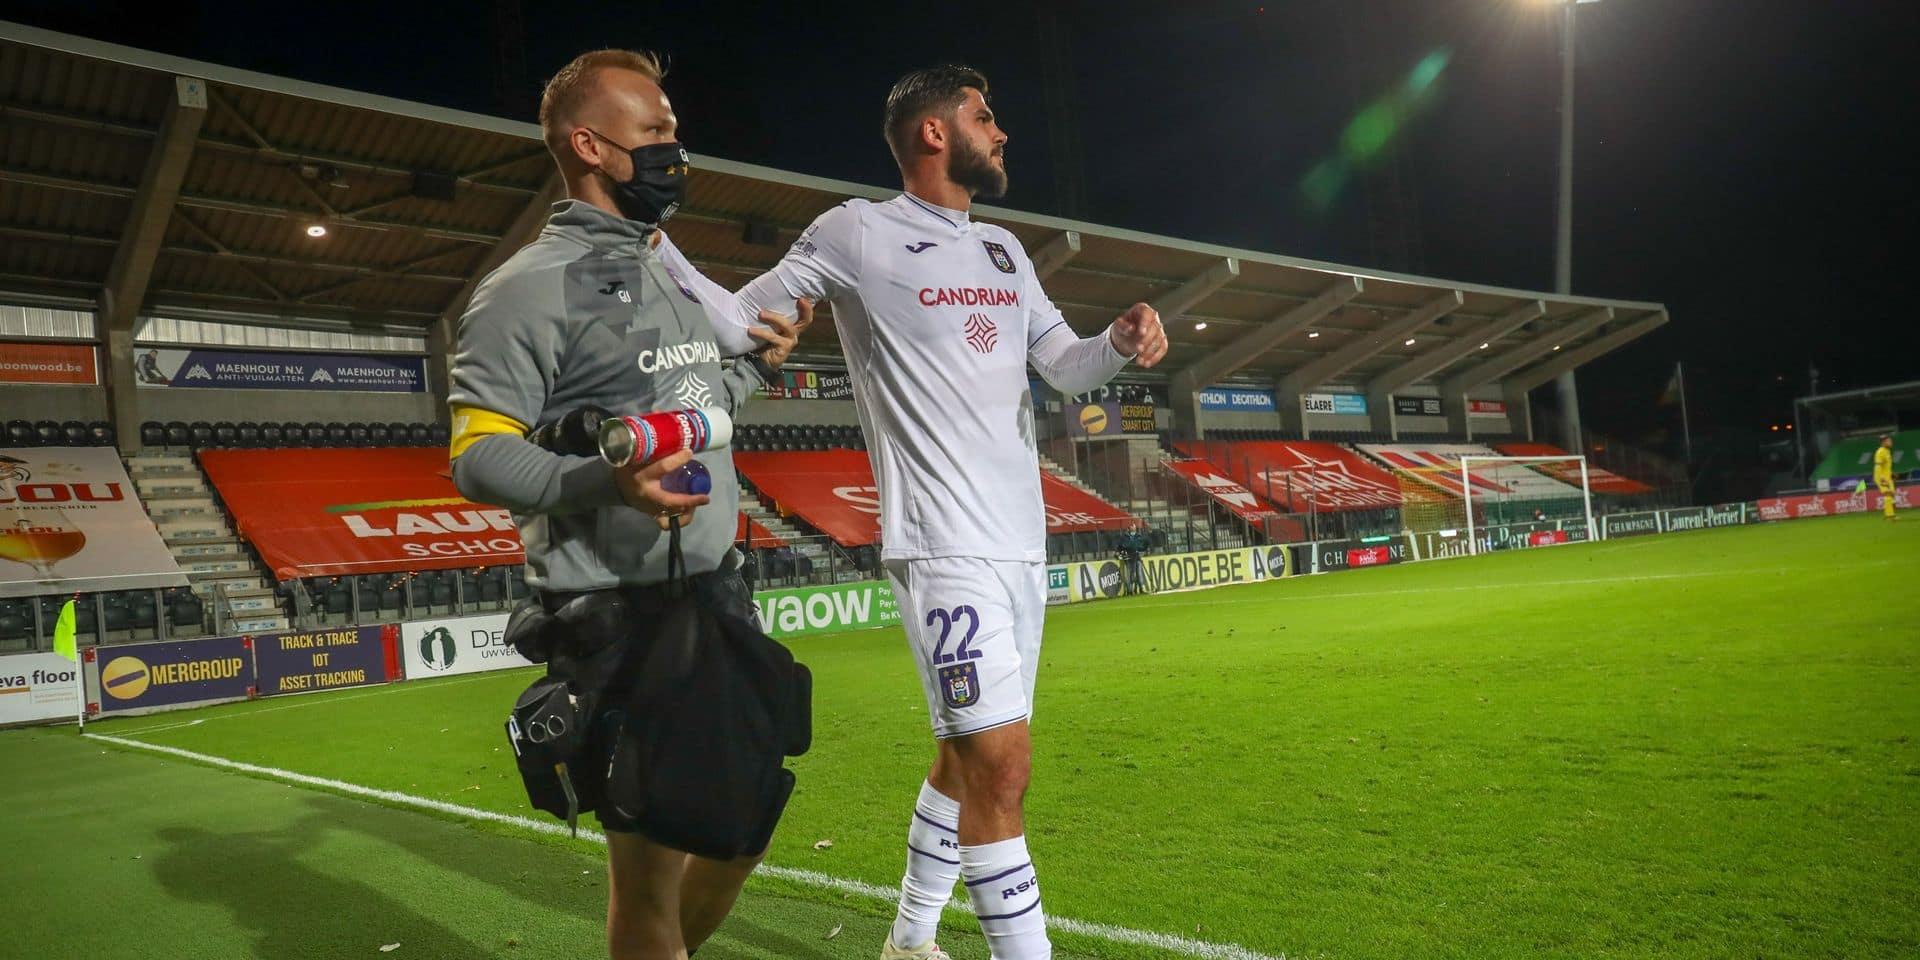 Cobbaut a rejoué avec Anderlecht, Van Crombrugge de retour